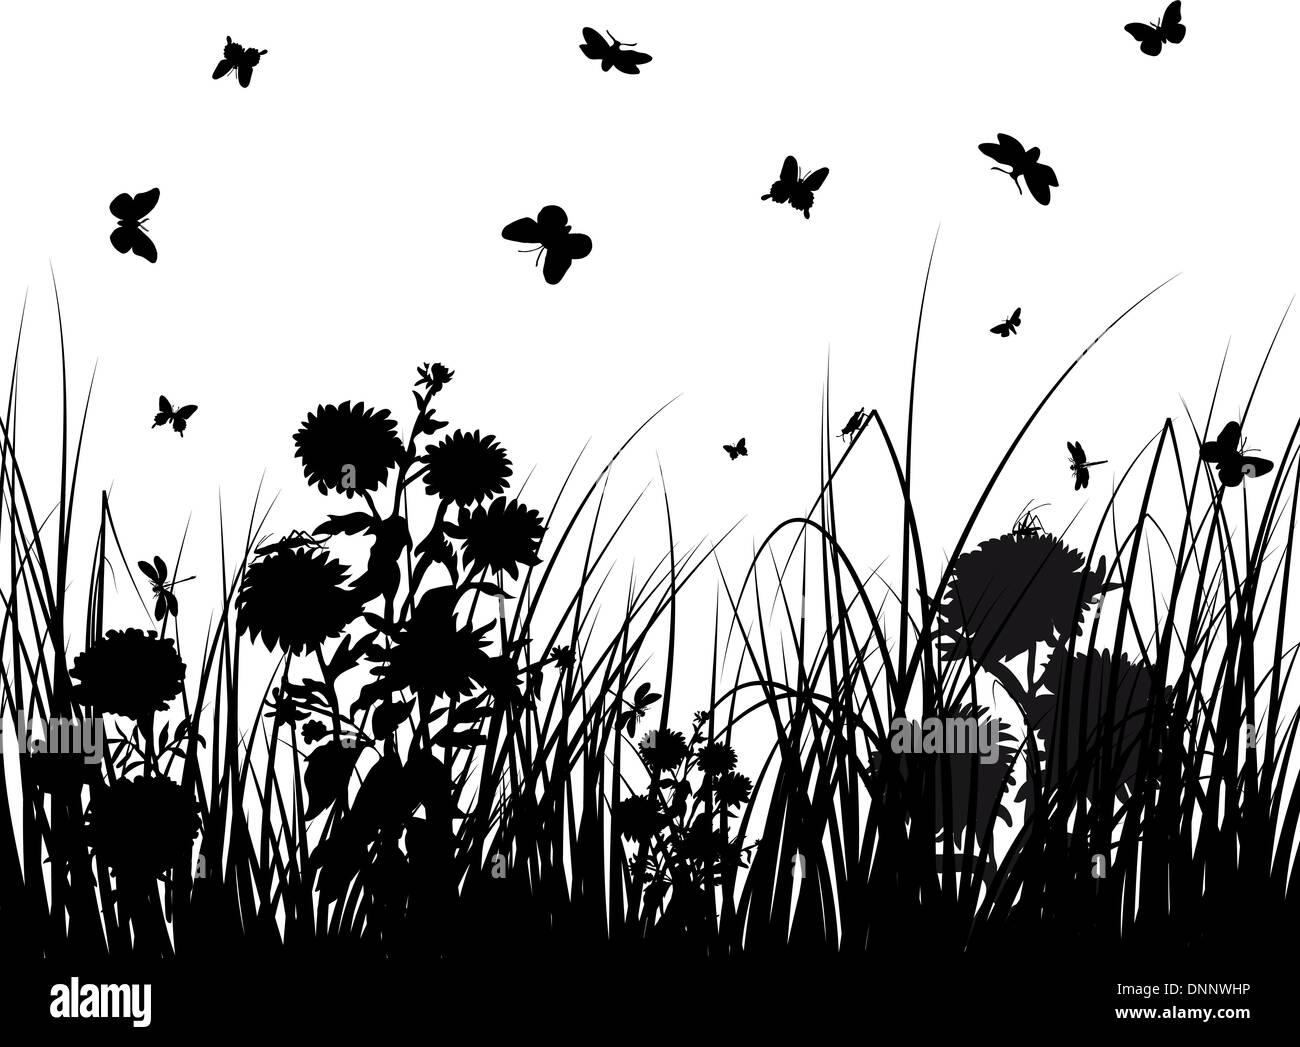 Silhuetas de erva de vetor de fundo com borboletasIlustração do Vetor